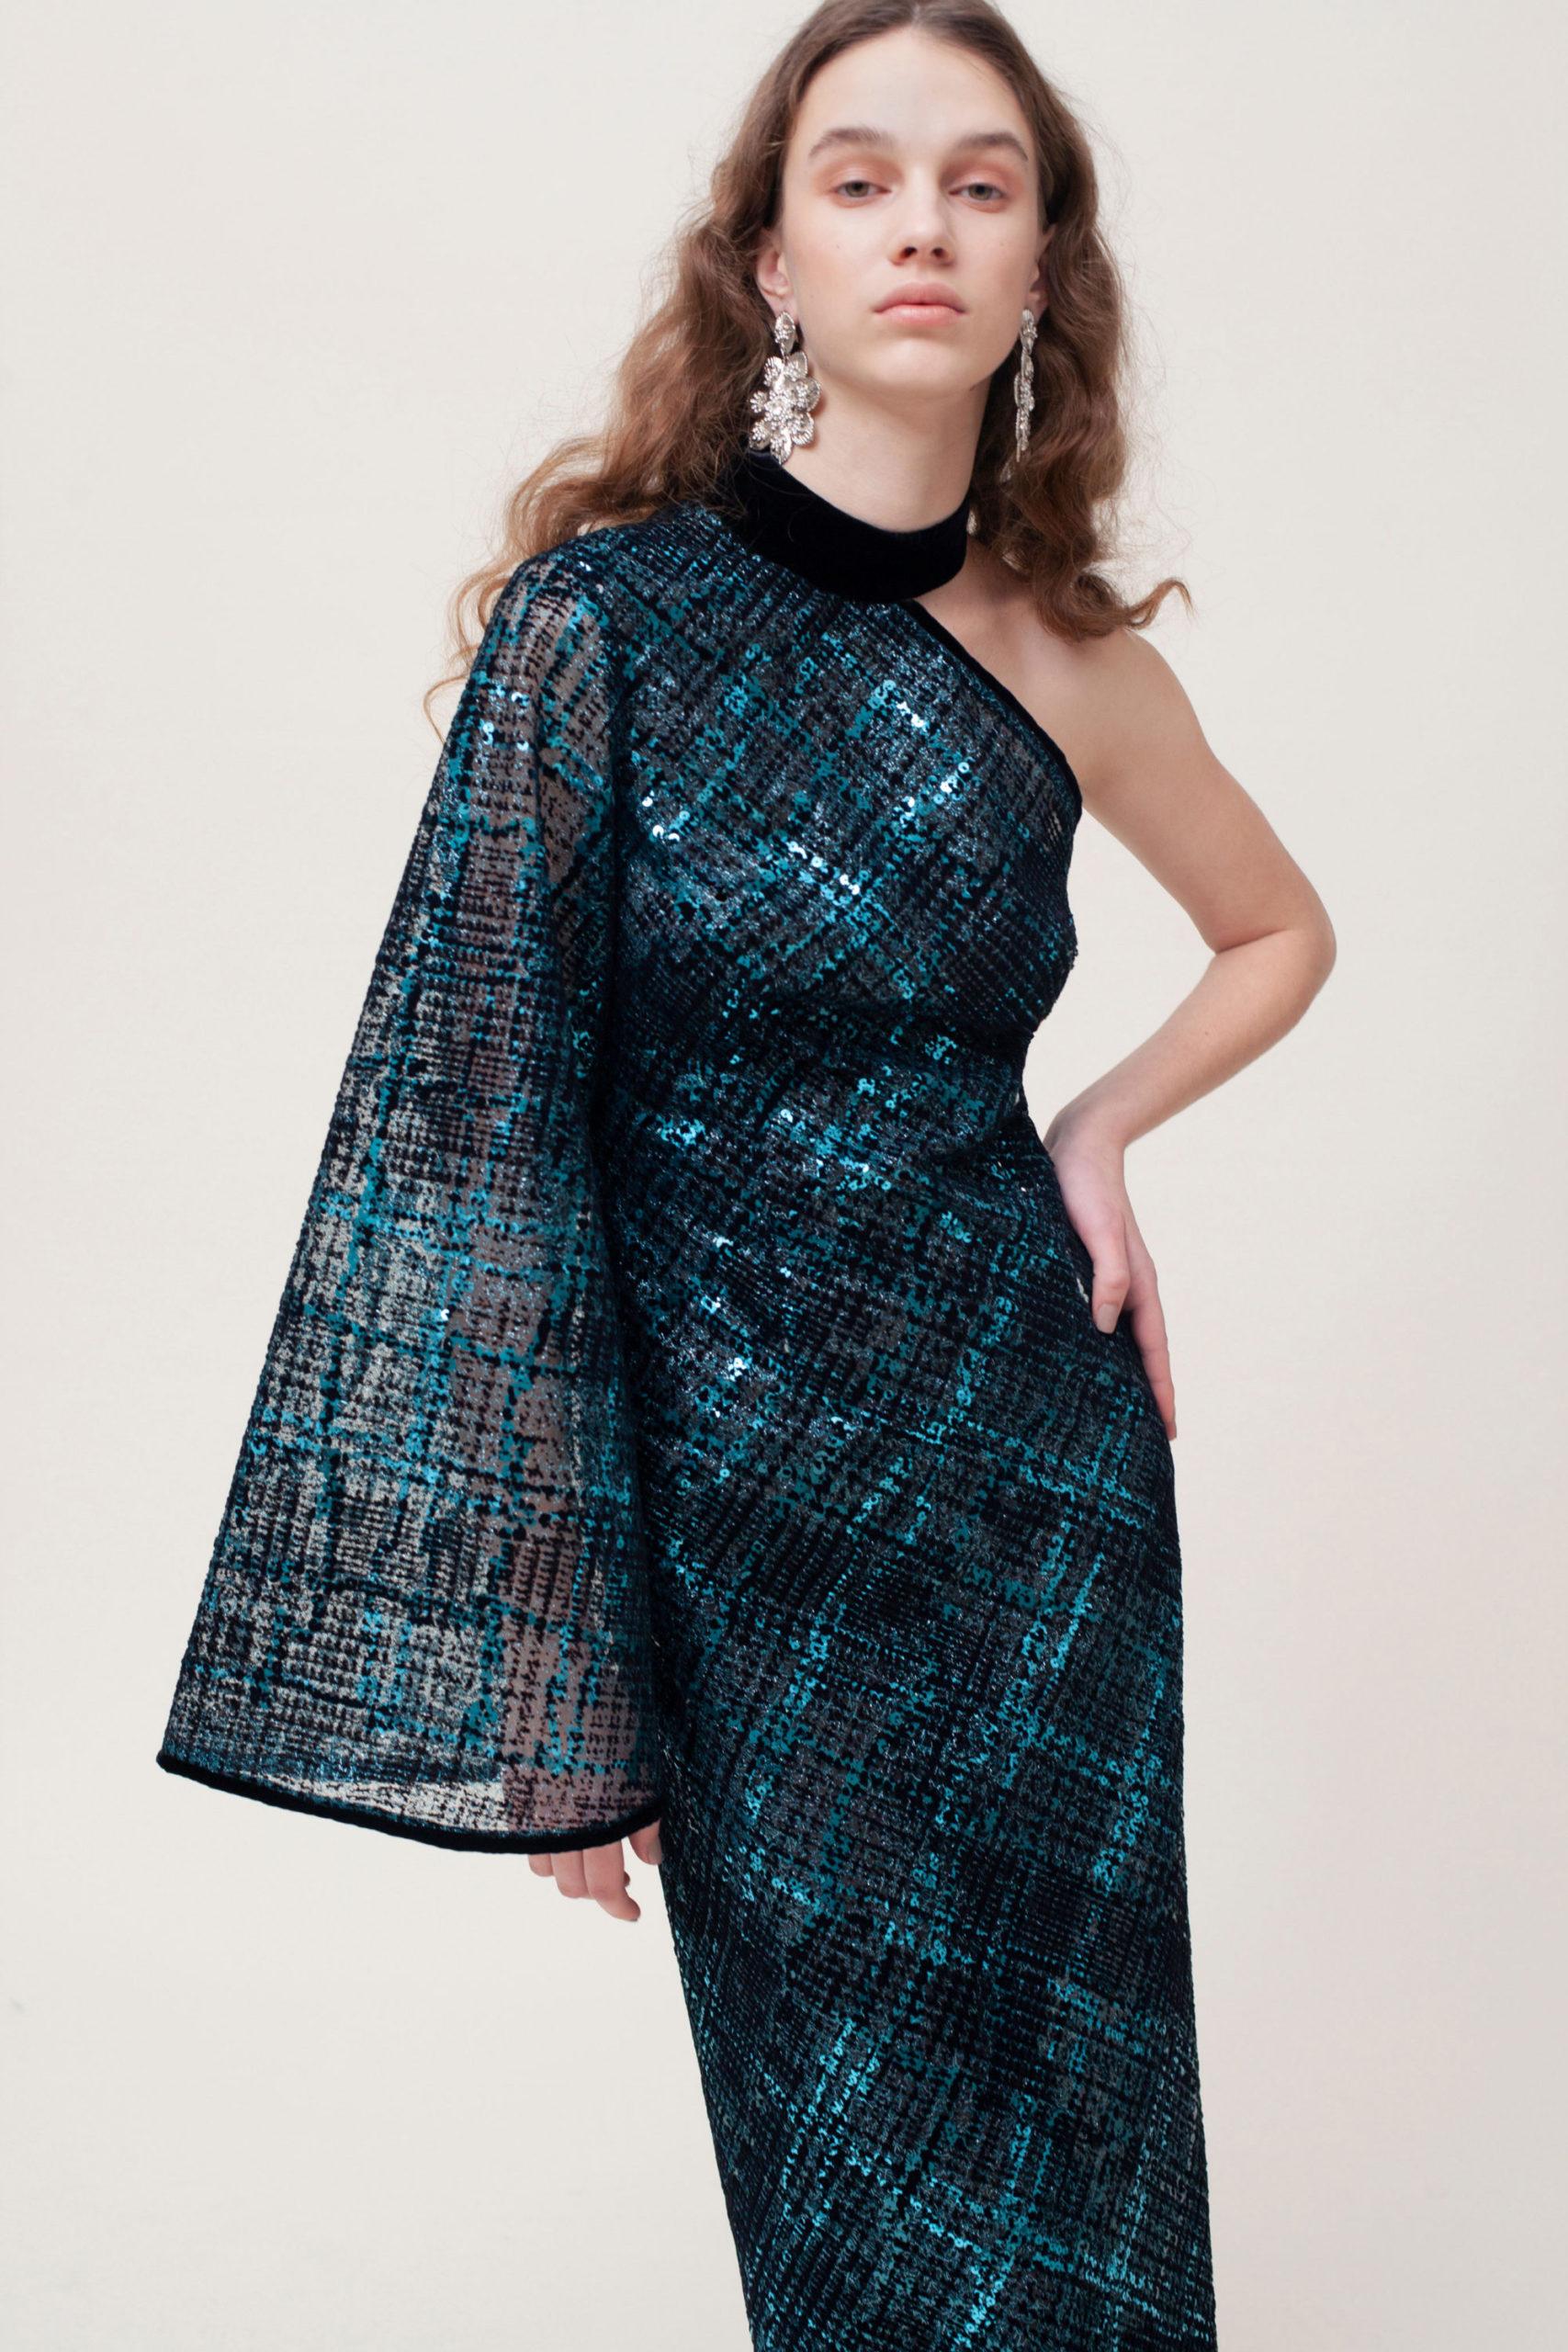 Платье с расклешёнными рукавами от Sandra Mansour модель 2021 года